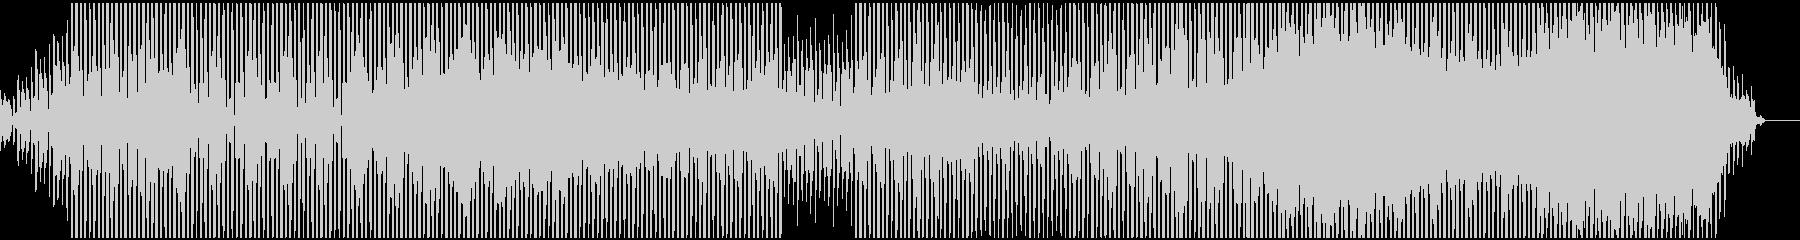 ゆったりとしたアンビエントテクノの未再生の波形